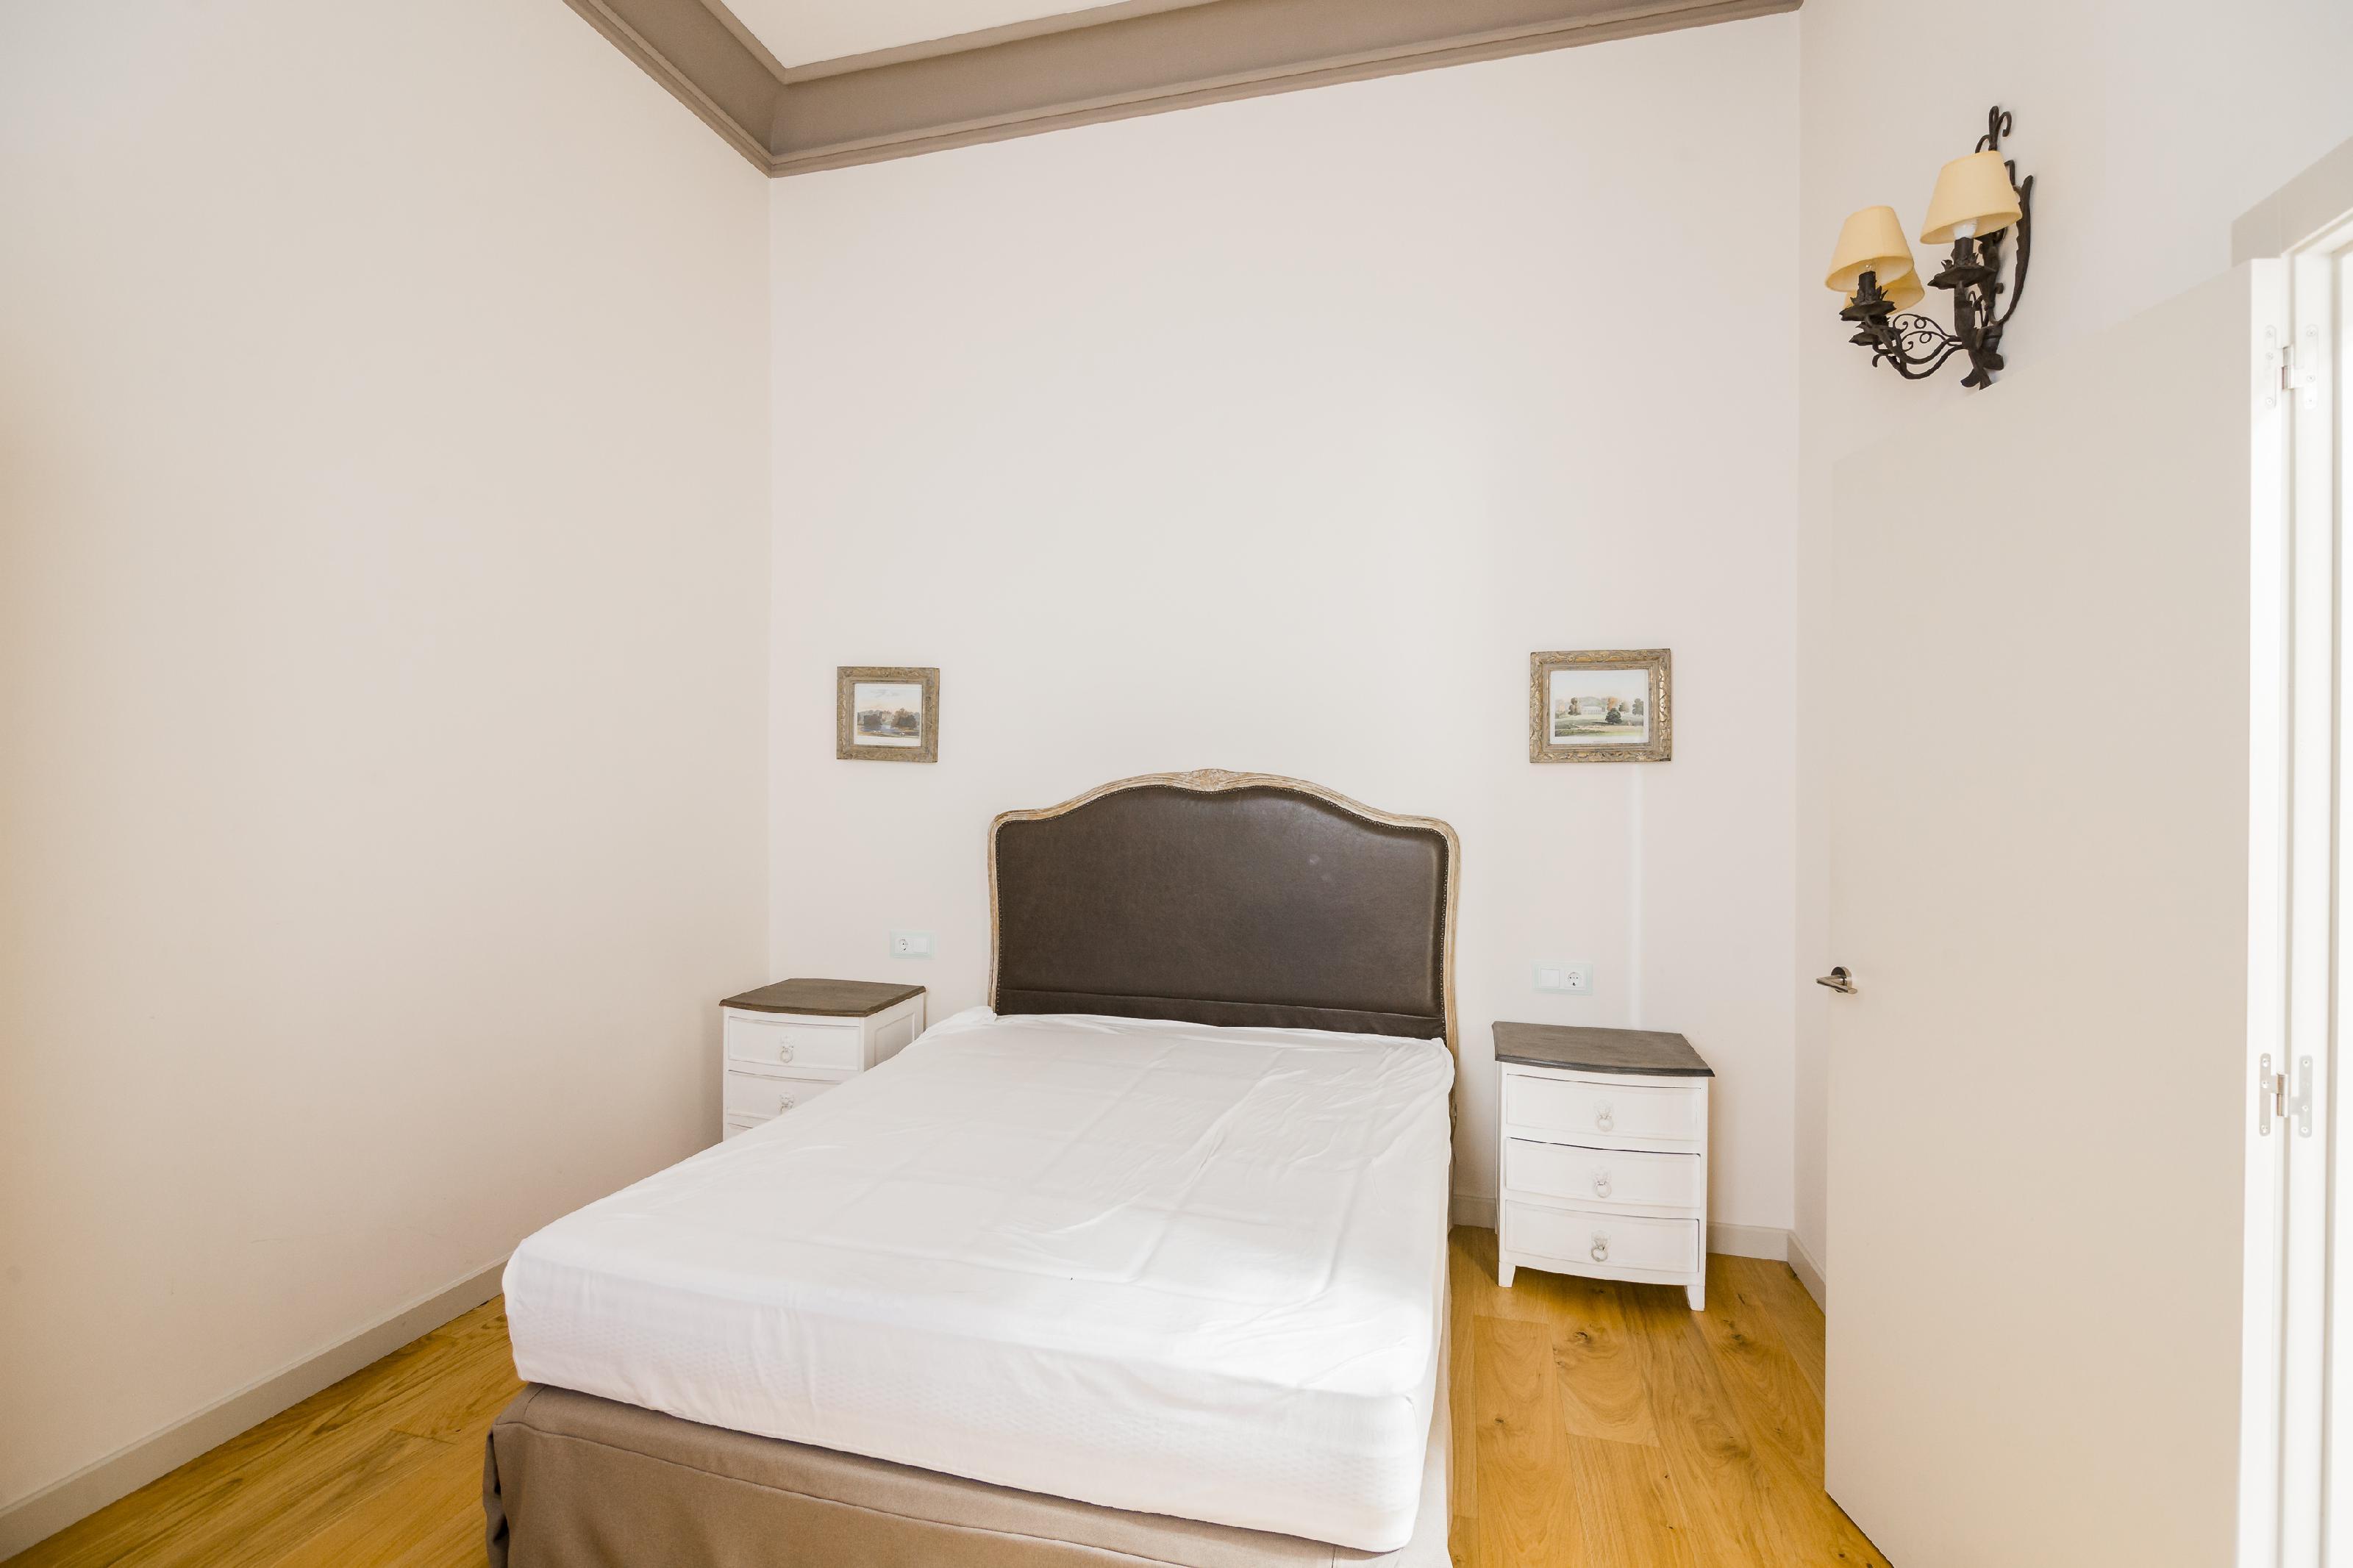 248206 Flat for sale in Gràcia, Vila de Gràcia 9